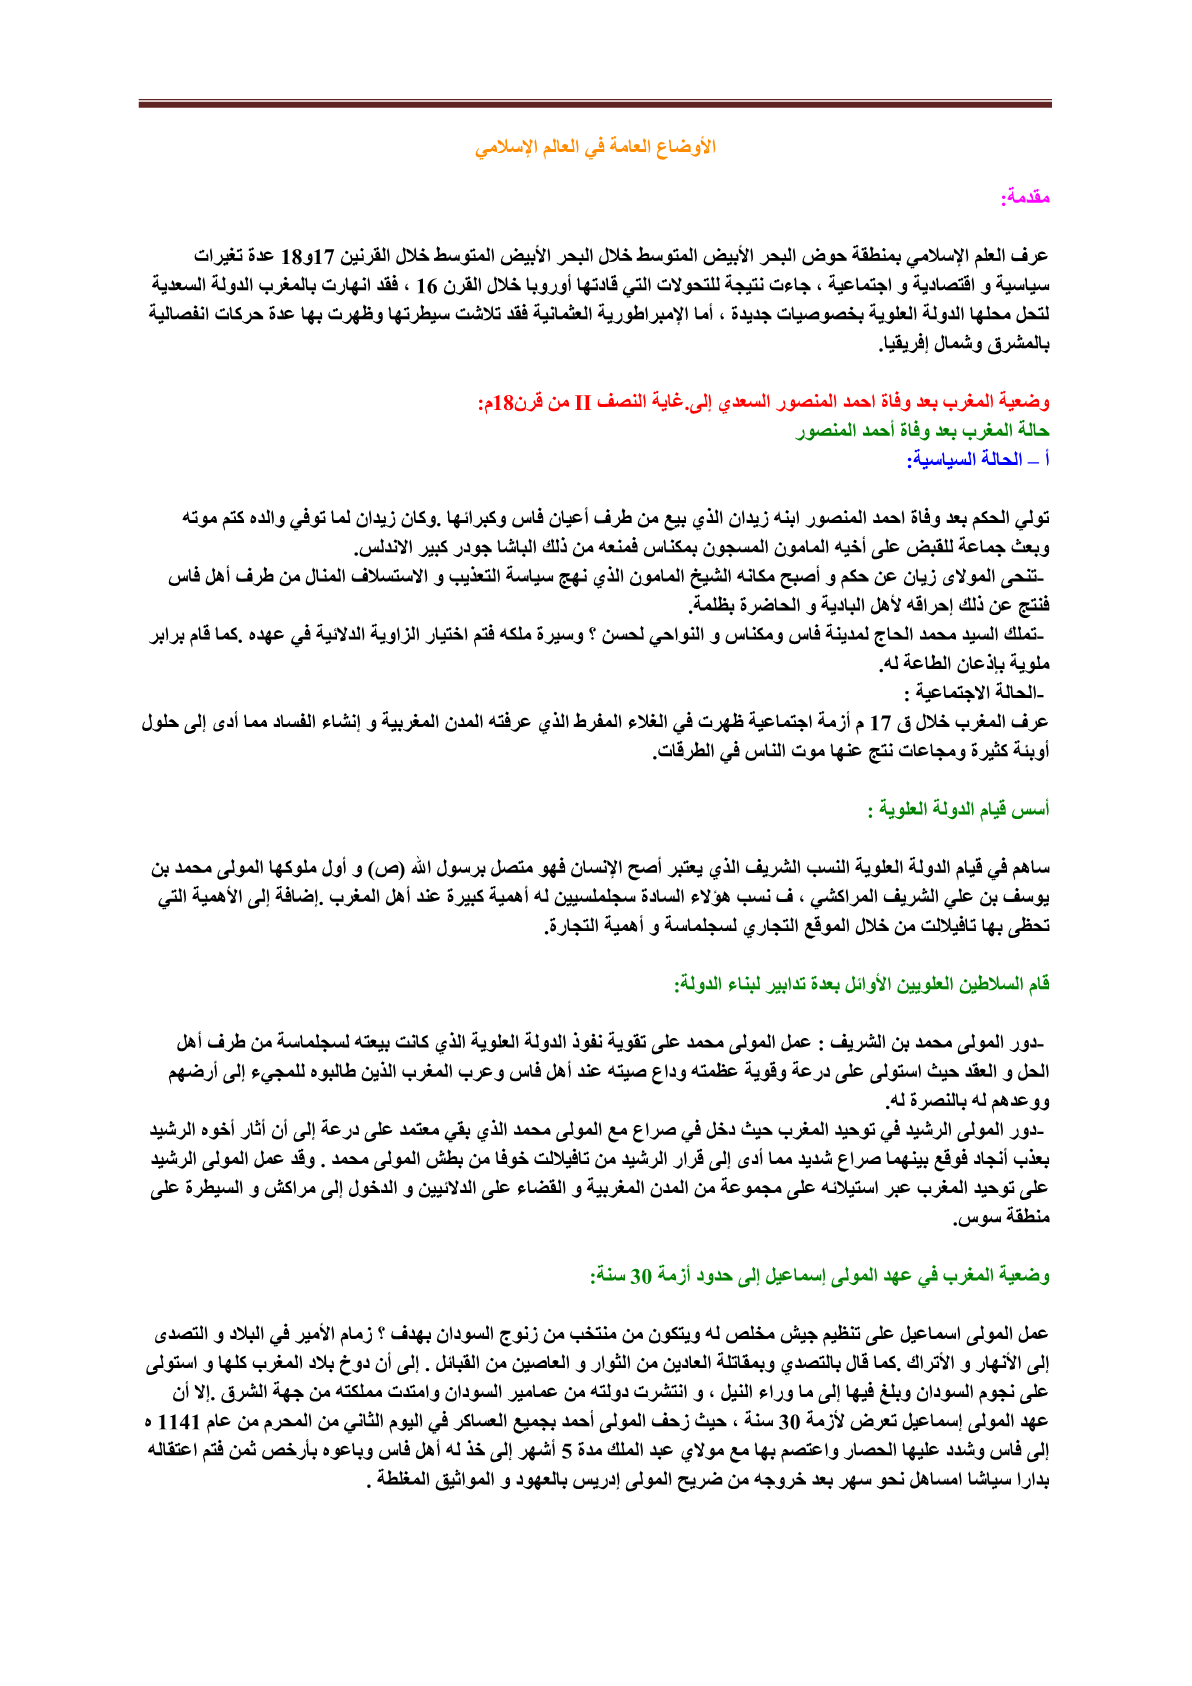 درس الأوضاع العامة في العالم الإسلامي الجدع مشترك اداب وعلوم انسانية